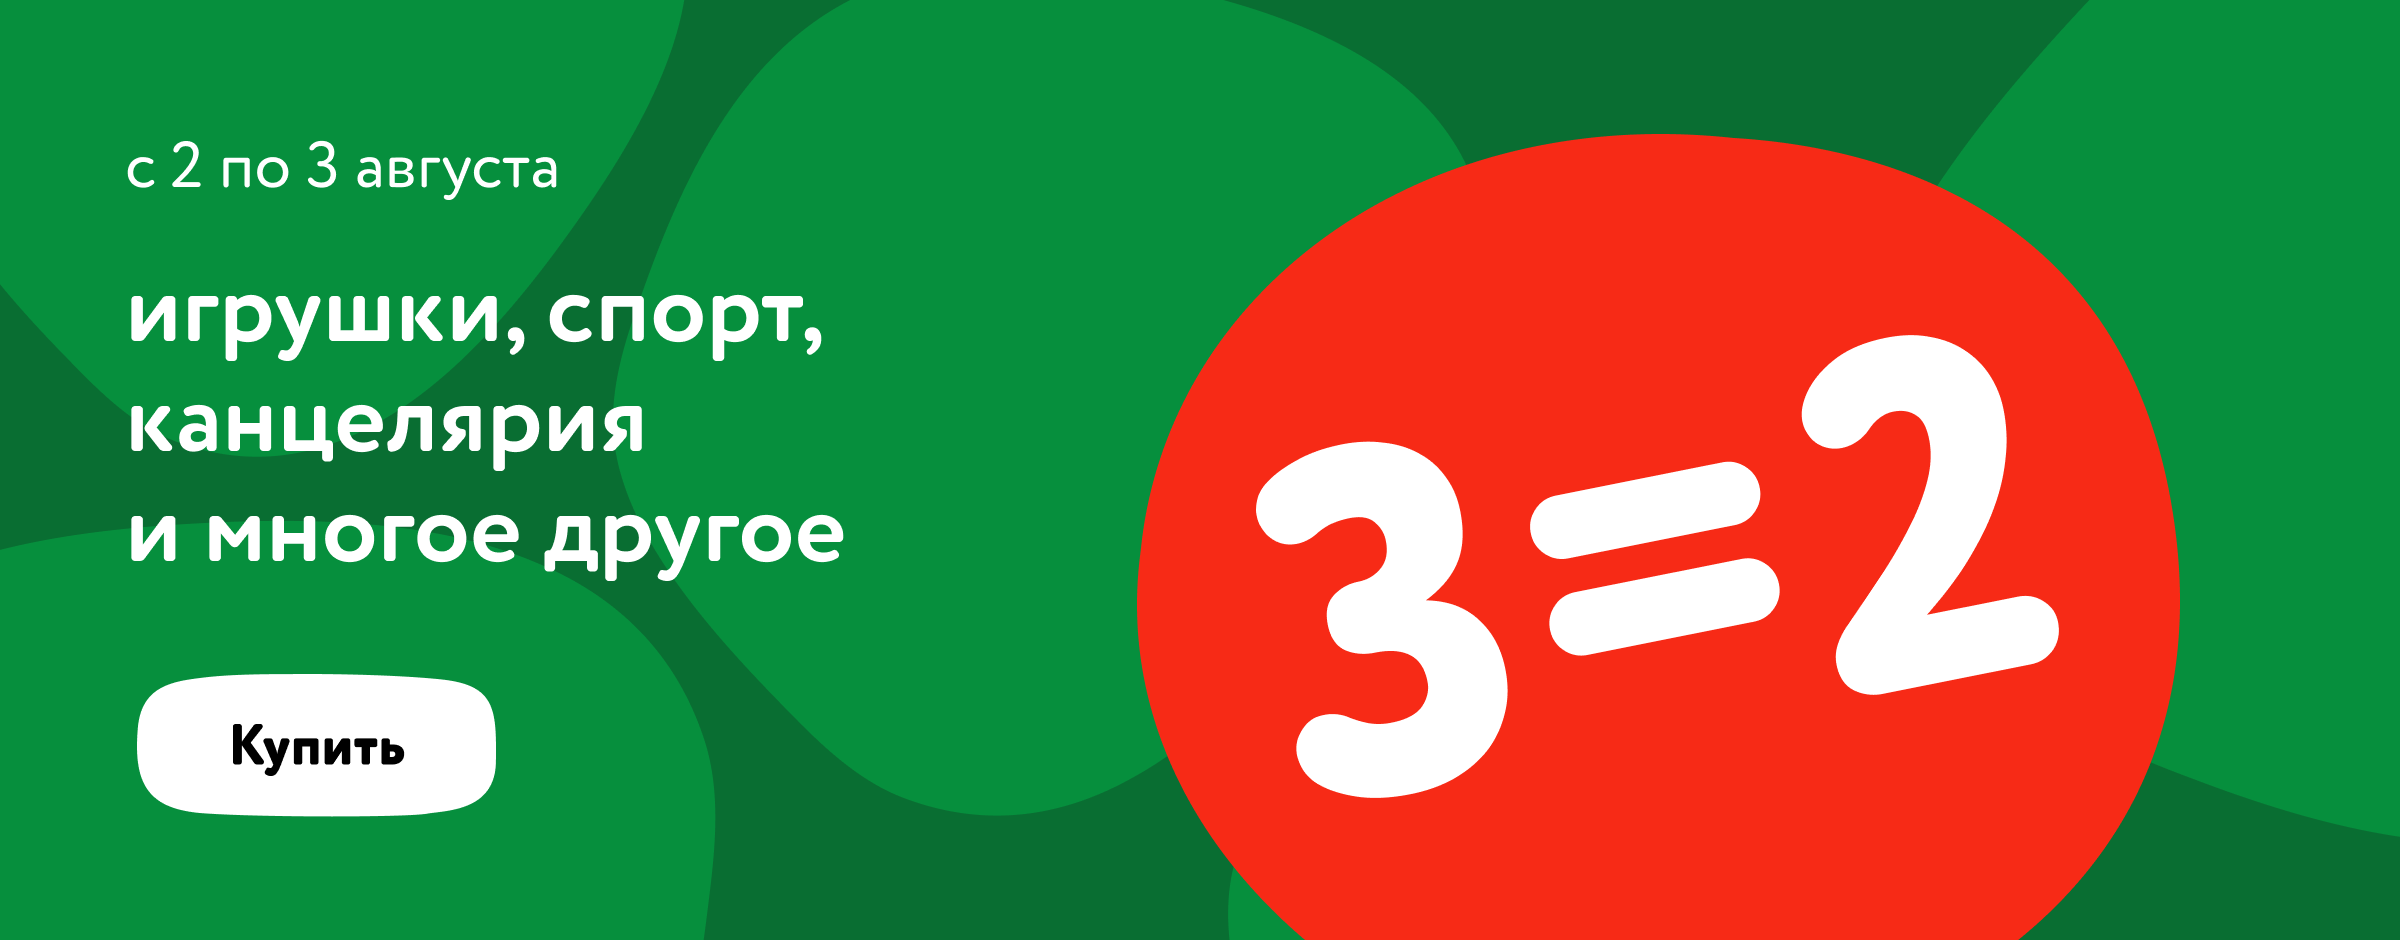 Акция 3=2 на товары из выделенного ассортимента